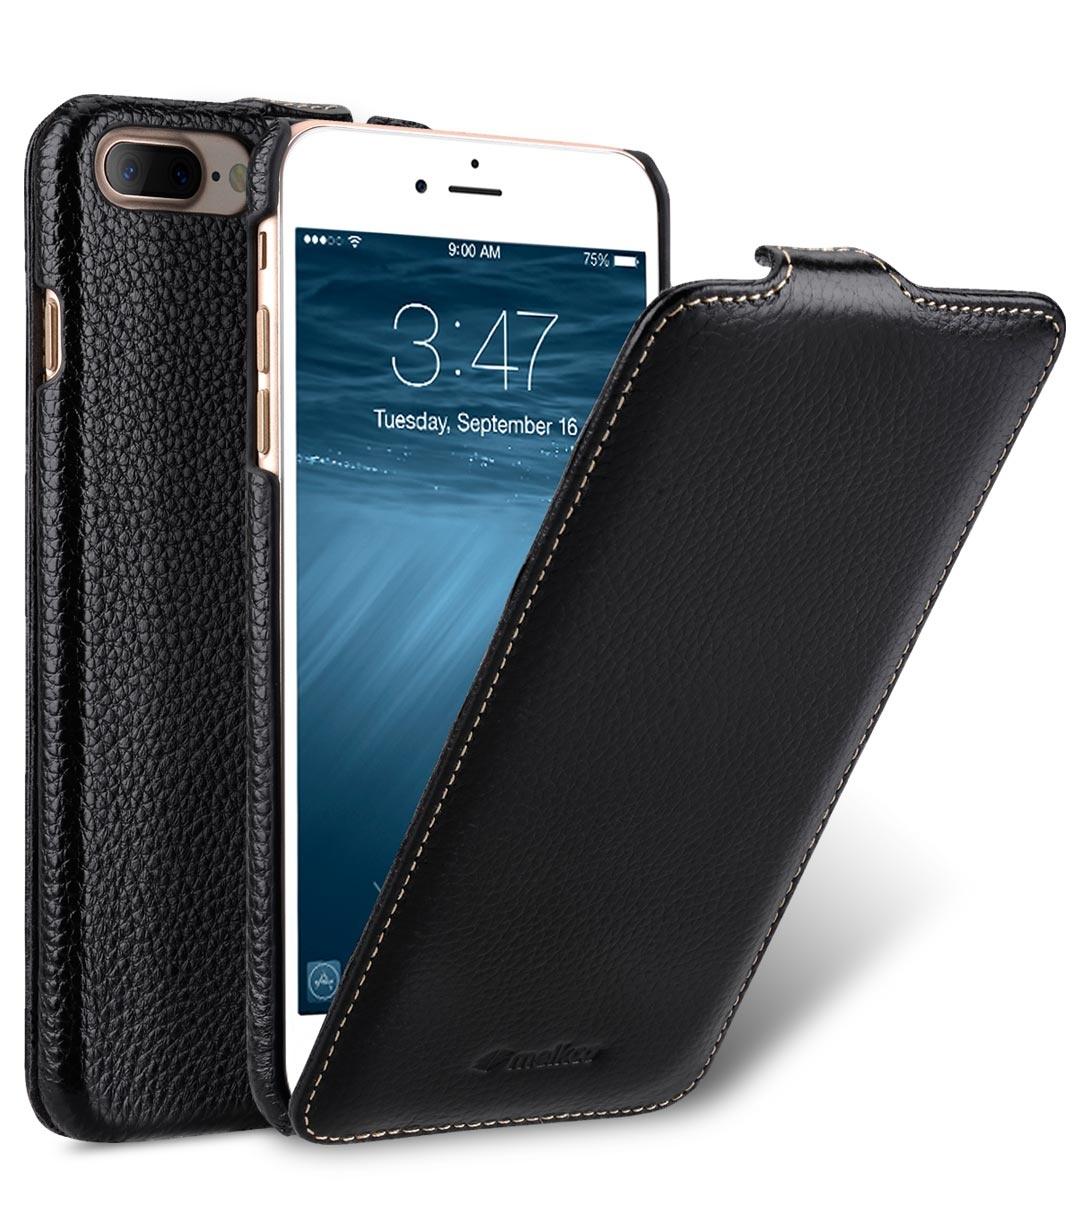 Чехол для сотового телефона Melkco Кожаный чехол флип для Apple iPhone 8 Plus/7 Plus - Jacka Type, черный